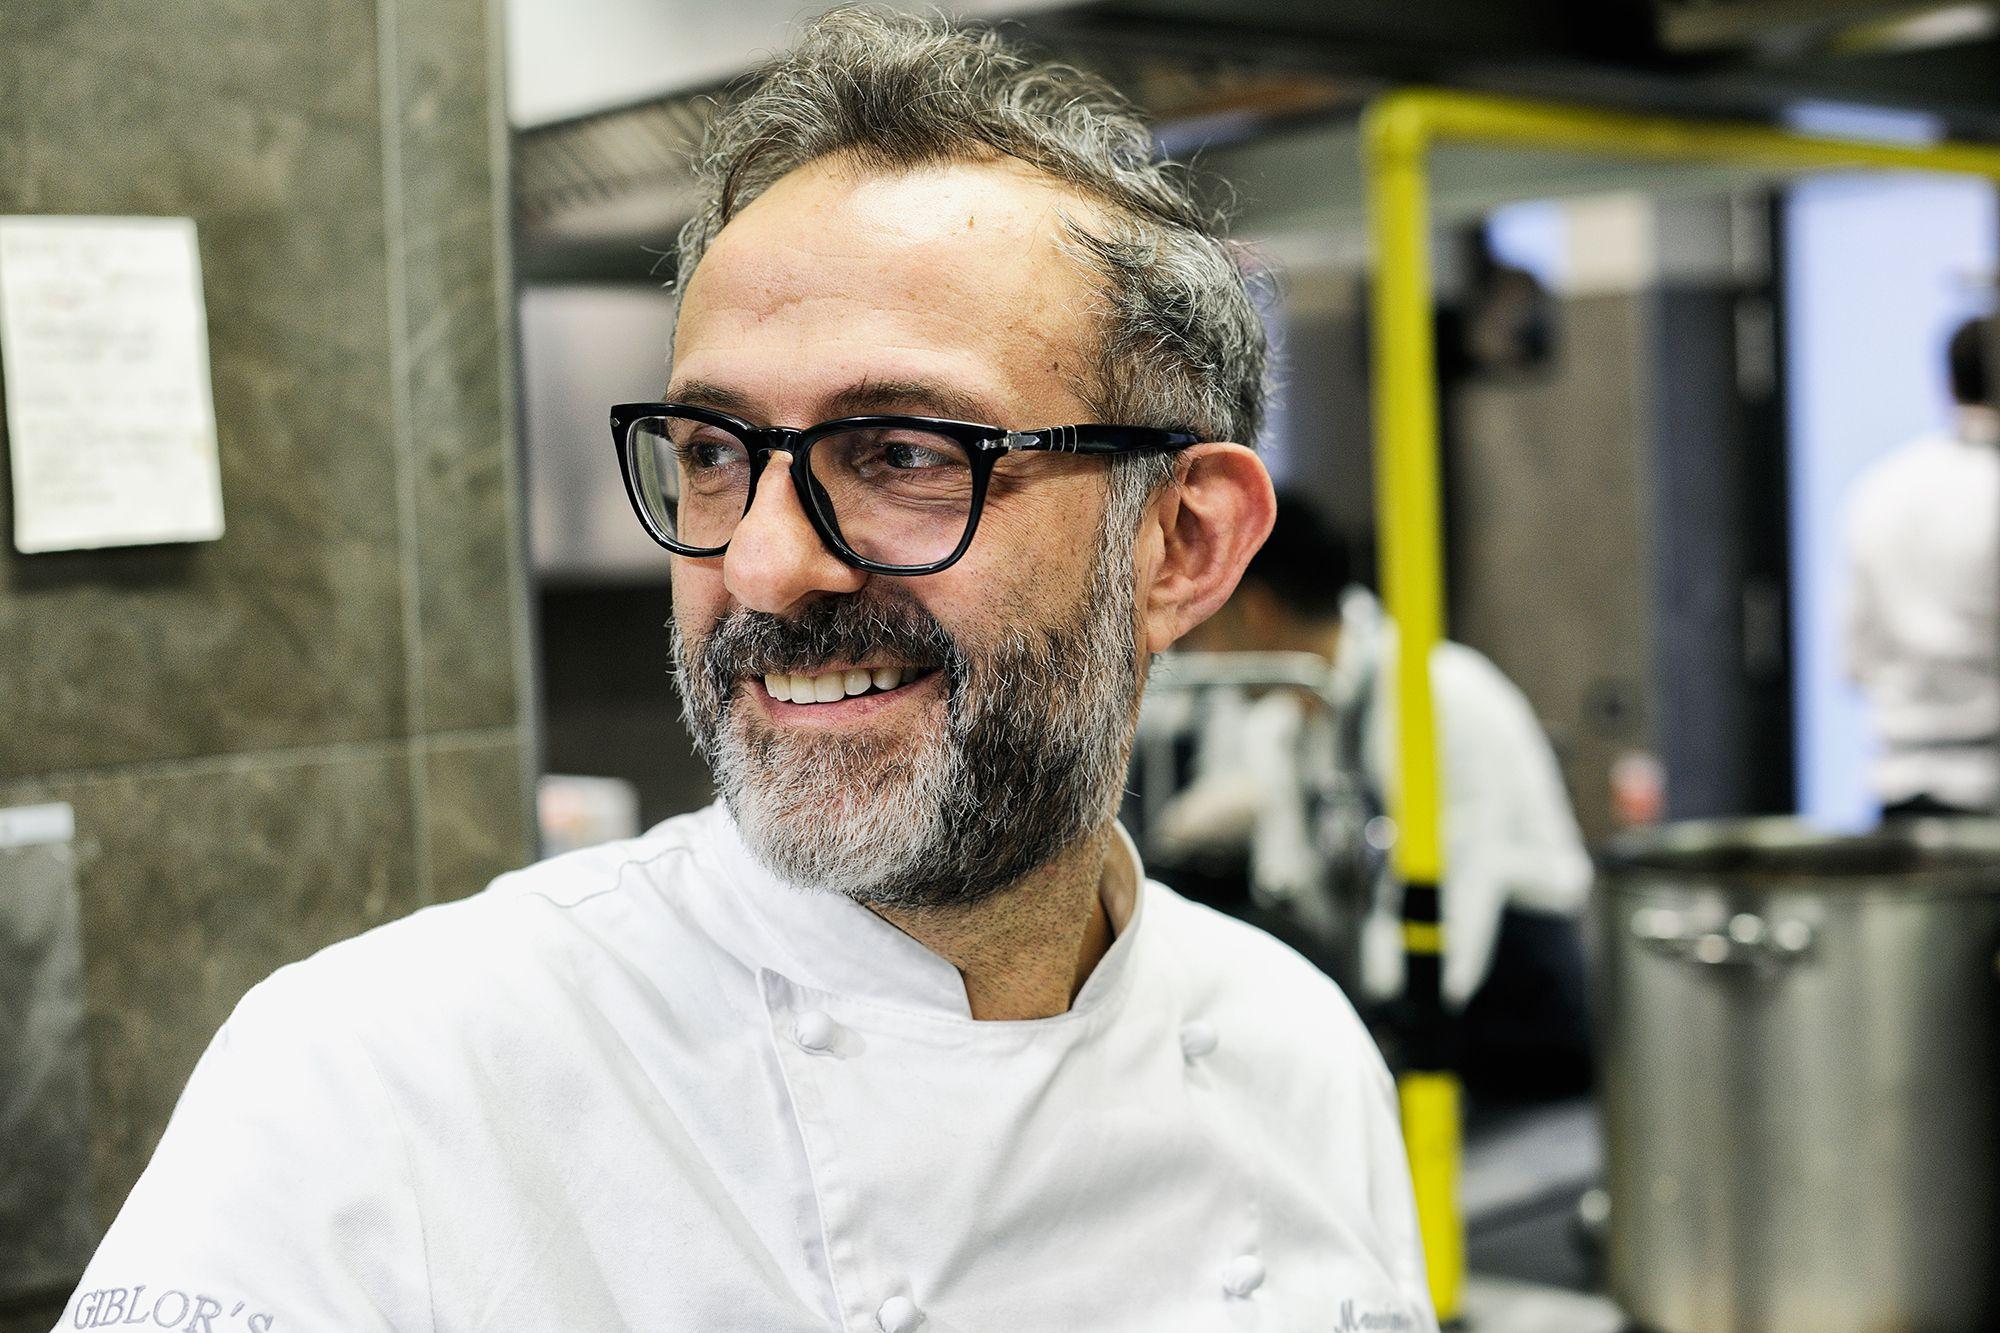 El mejor chef del mundo cocinará para pobres en los Juegos Olímpicos